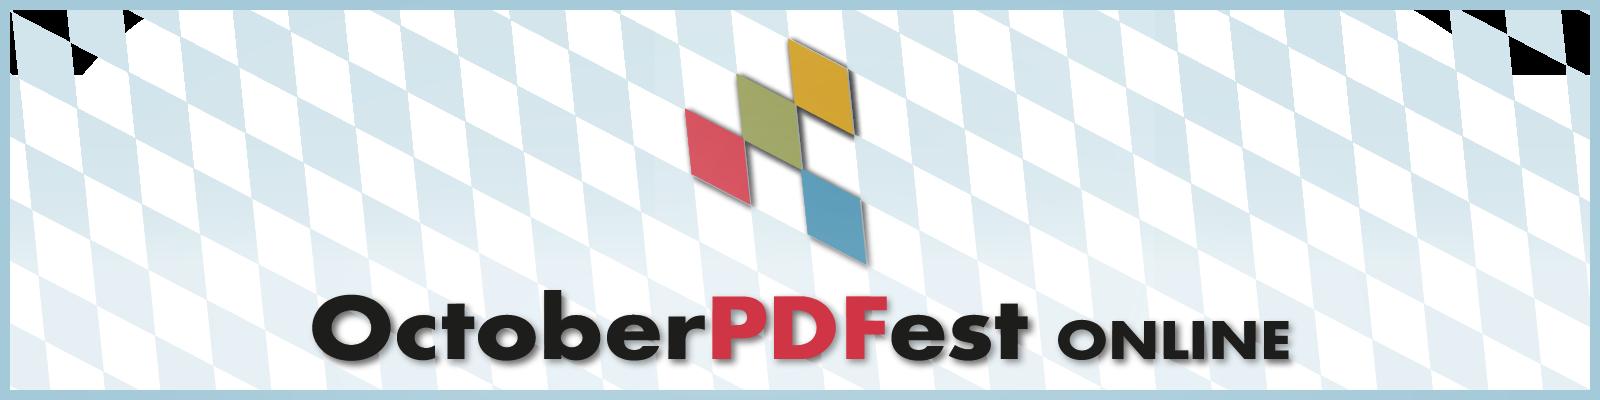 Logo OctoberPDFest Online